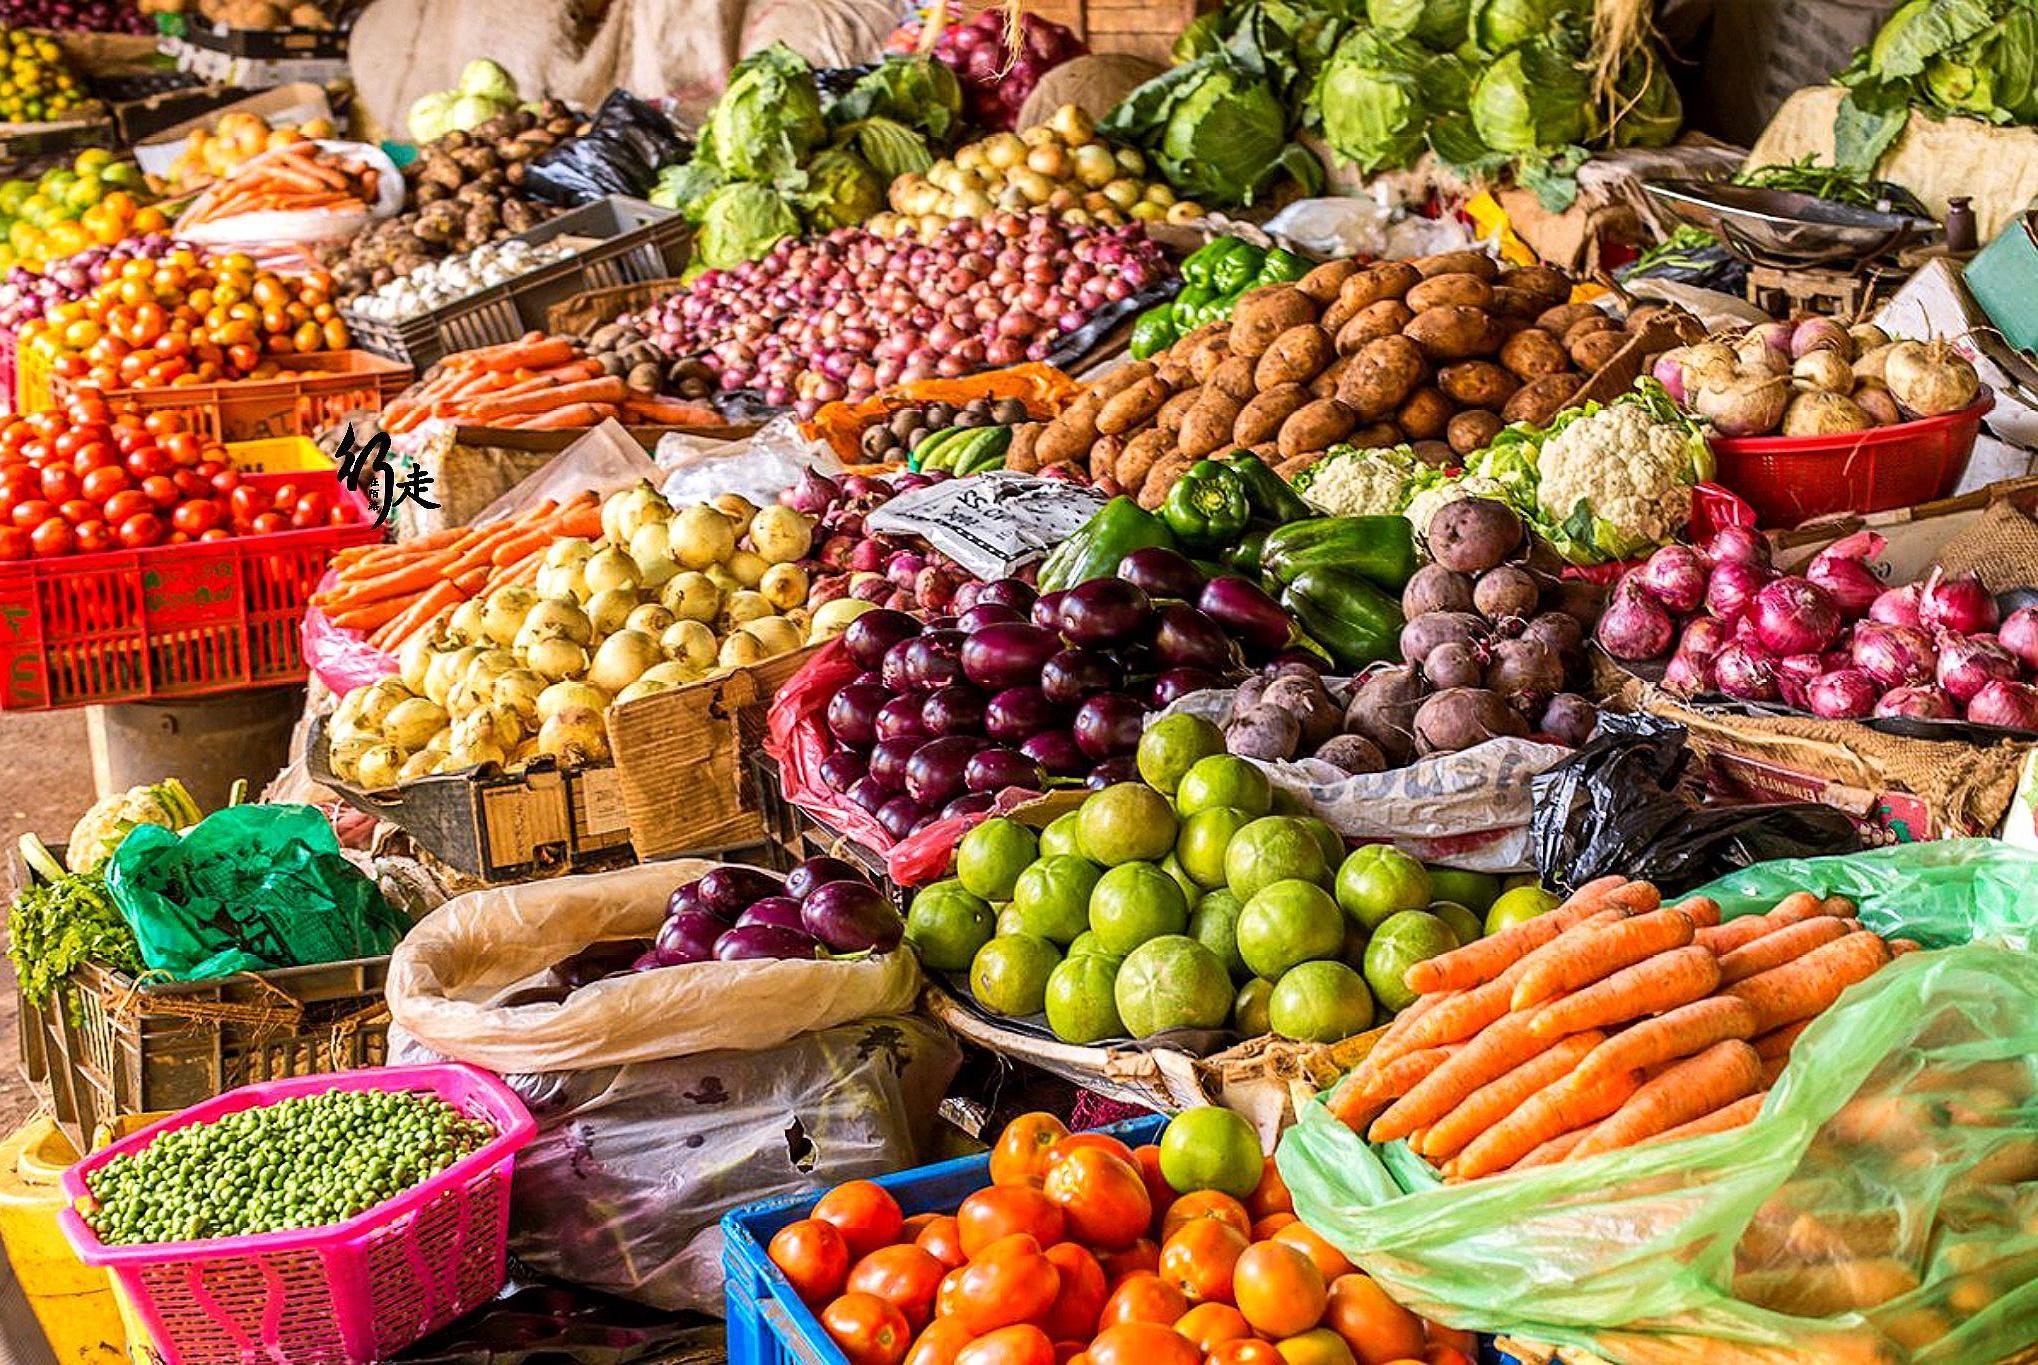 最爱吃素国家:5亿人拒绝吃肉,3000万成年人不知肉味